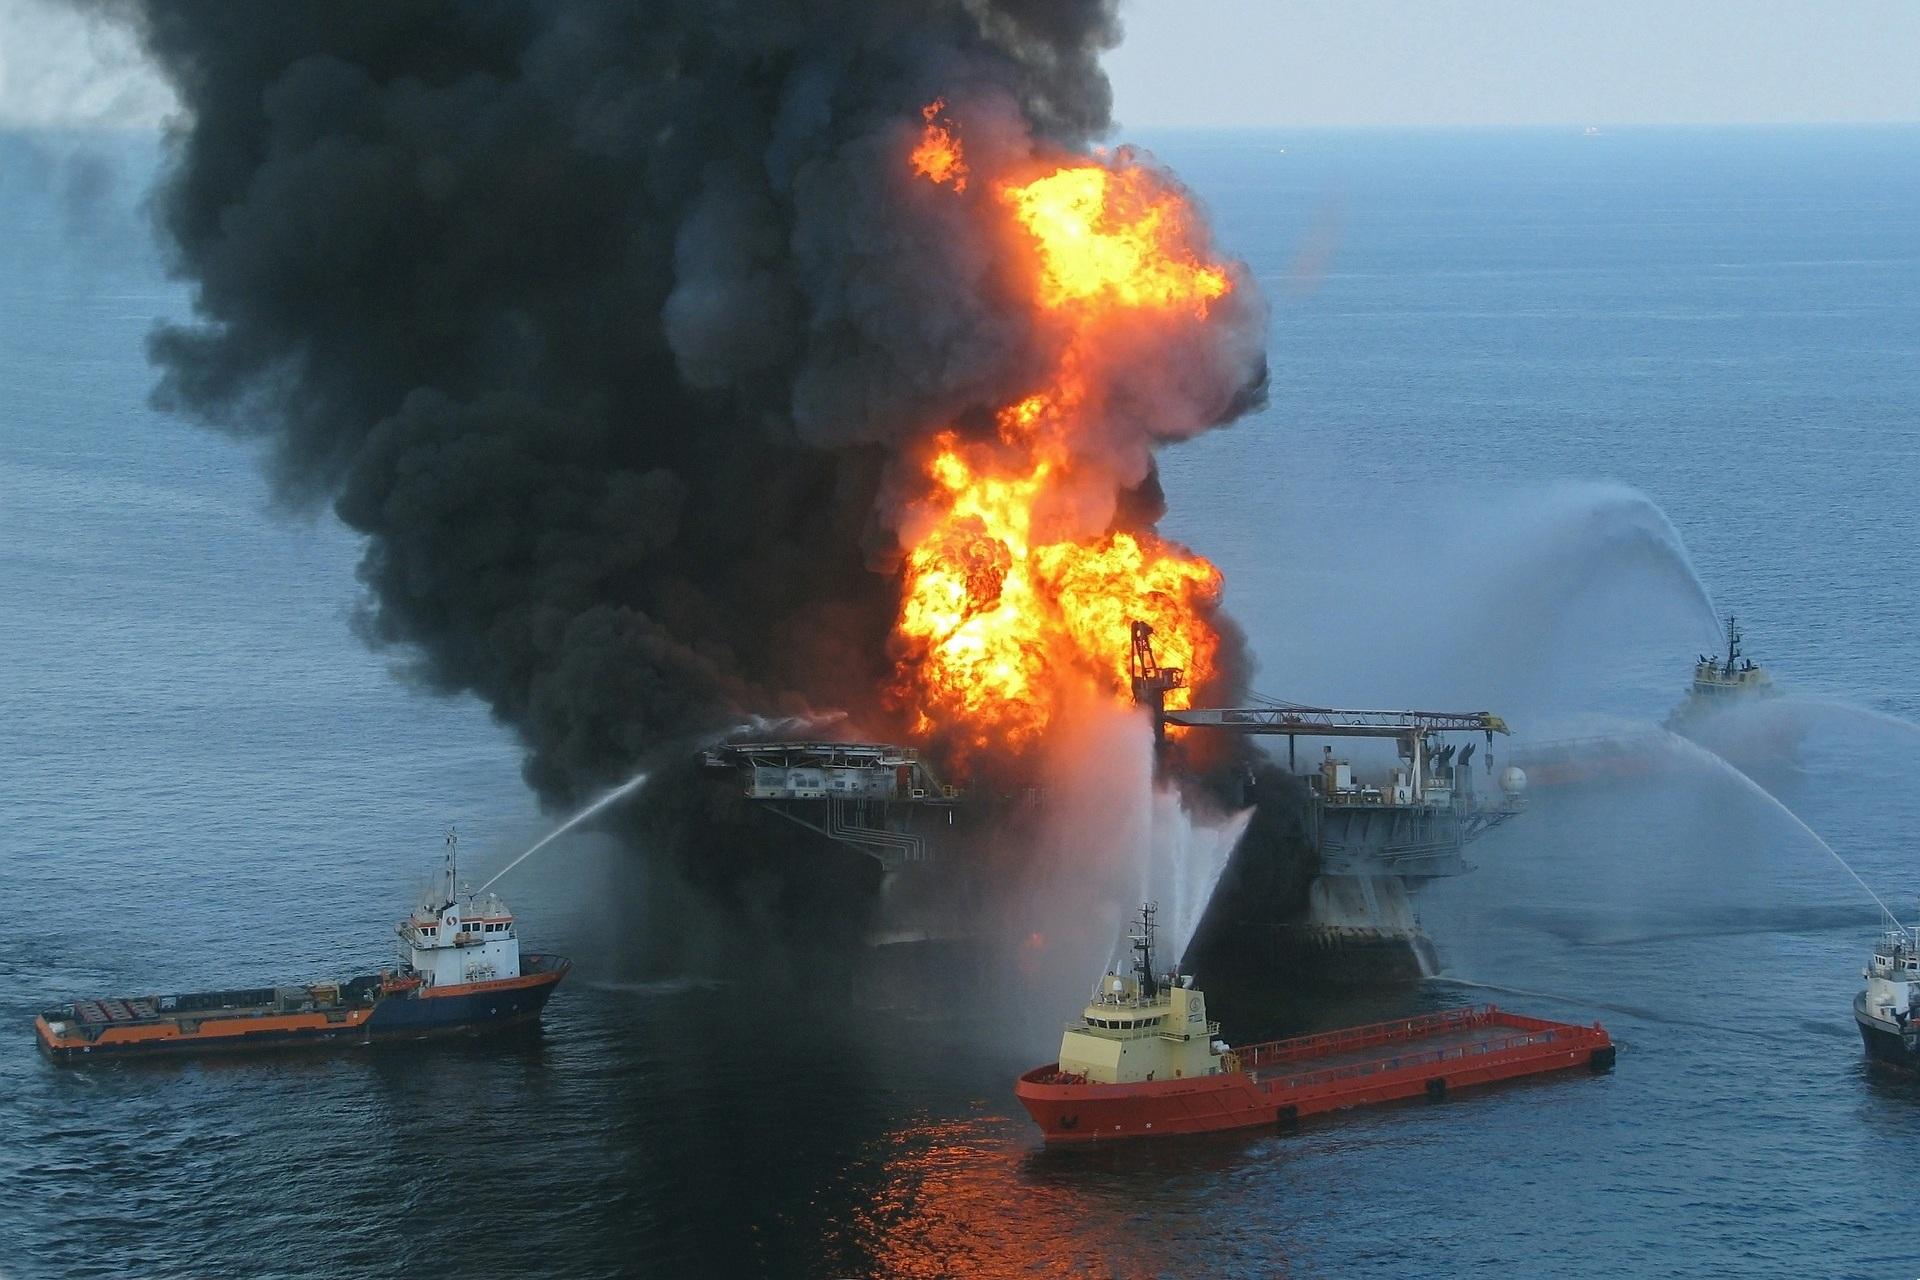 oil-rig-explosion-618704_1920.jpg